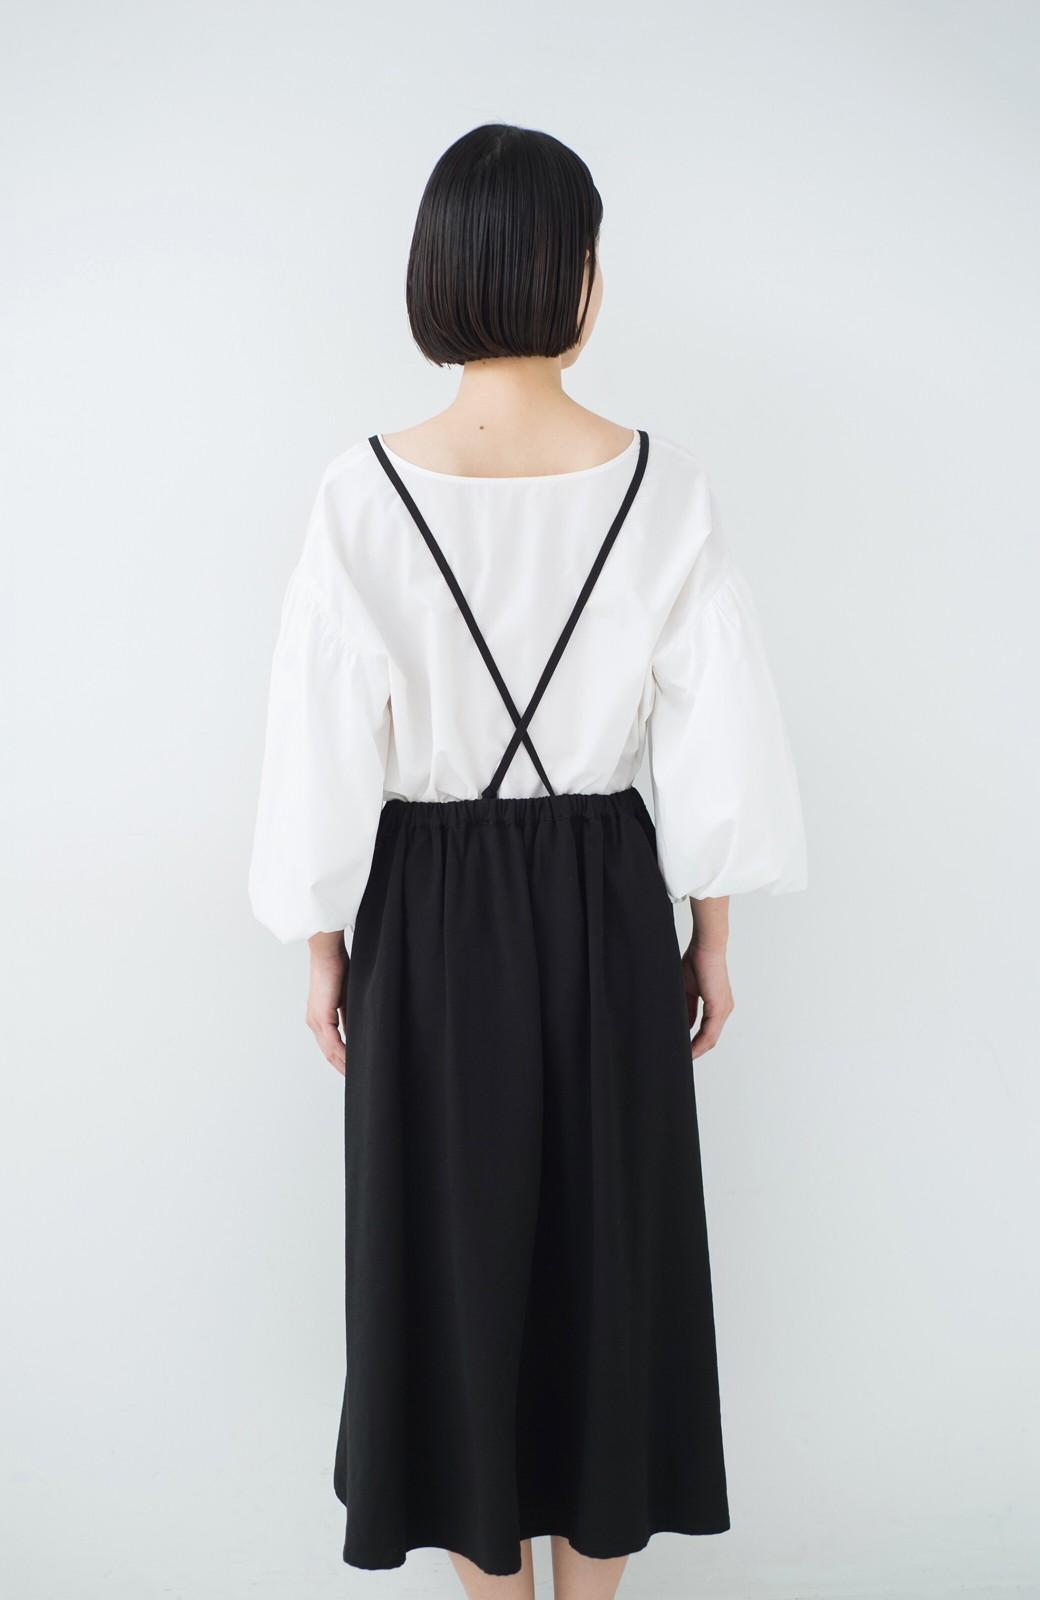 haco! シンプルな服に合わせるだけでかわいいエプロンワンピース <ブラック>の商品写真11